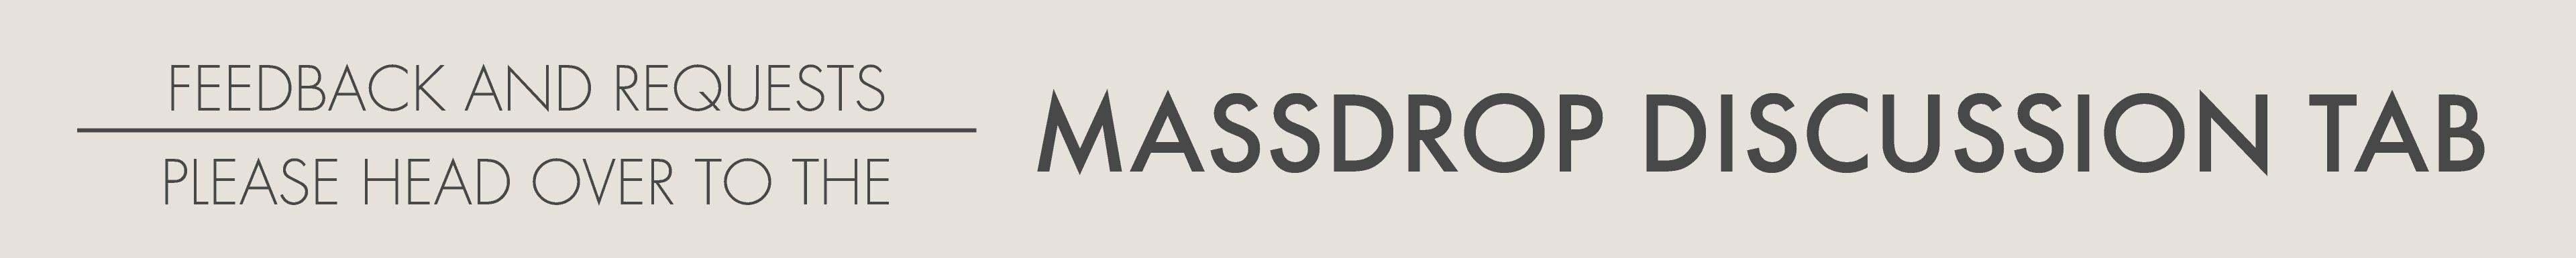 Asset 19